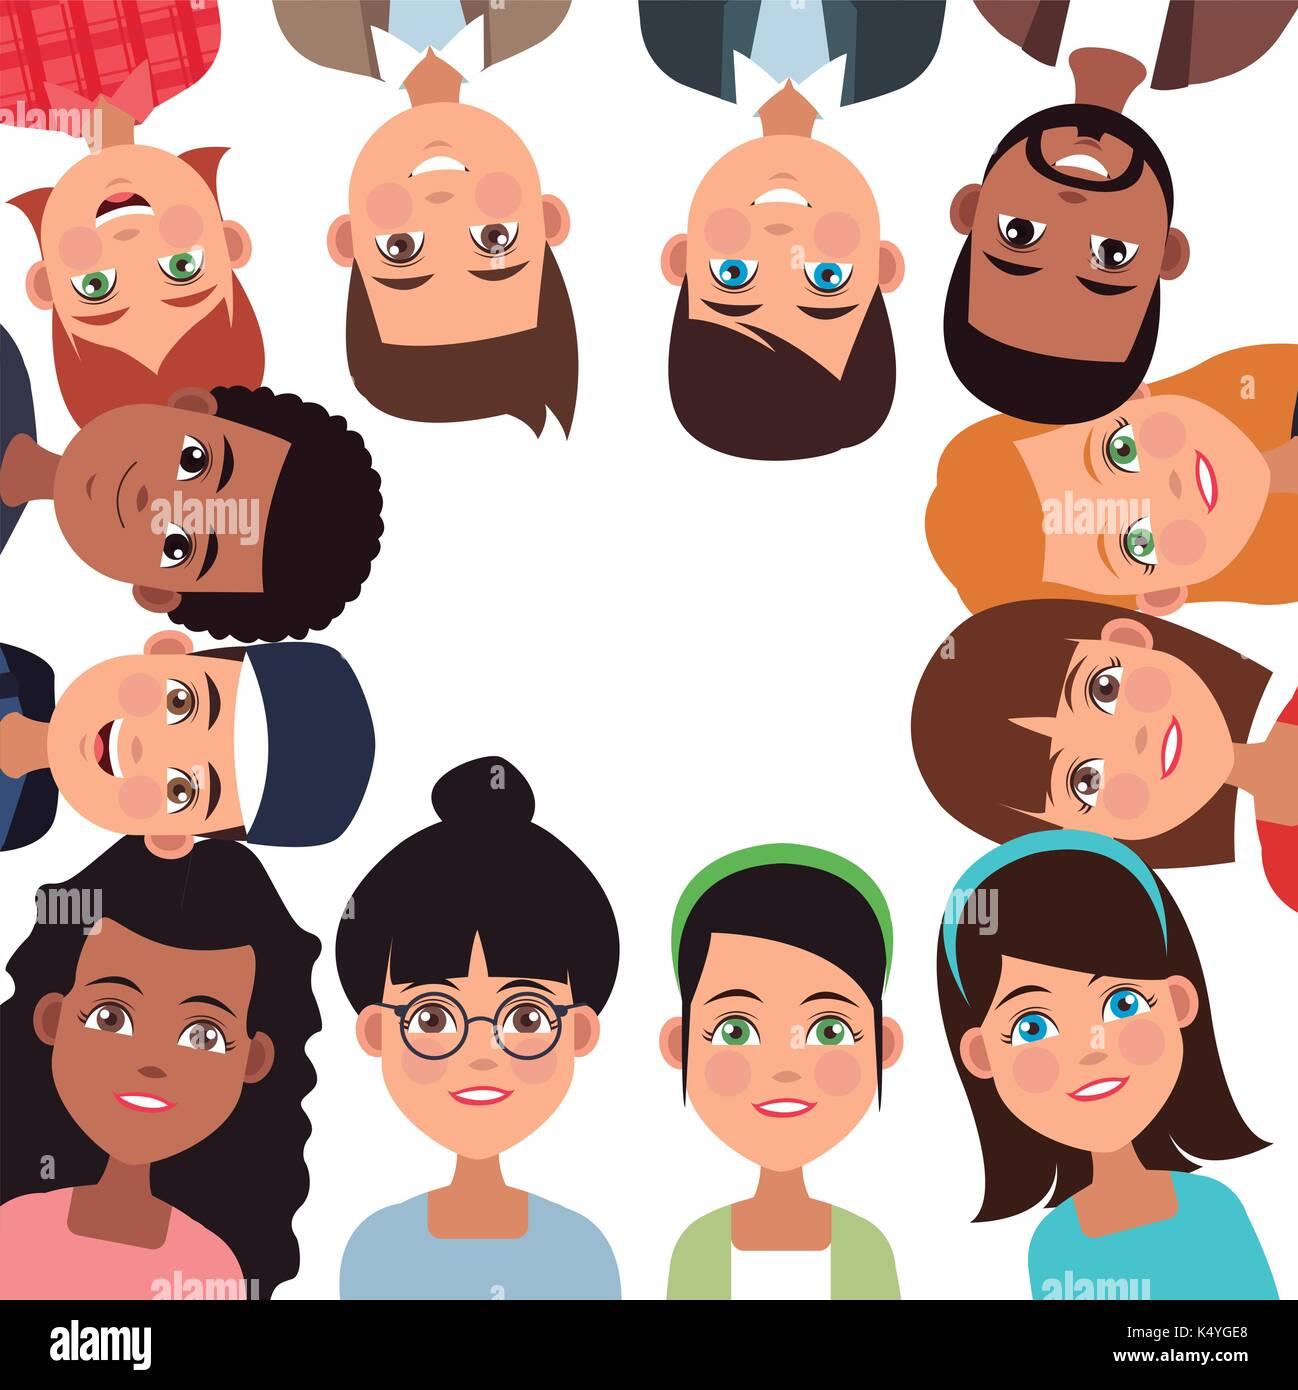 Freundschaft cartoon Design Stockbild